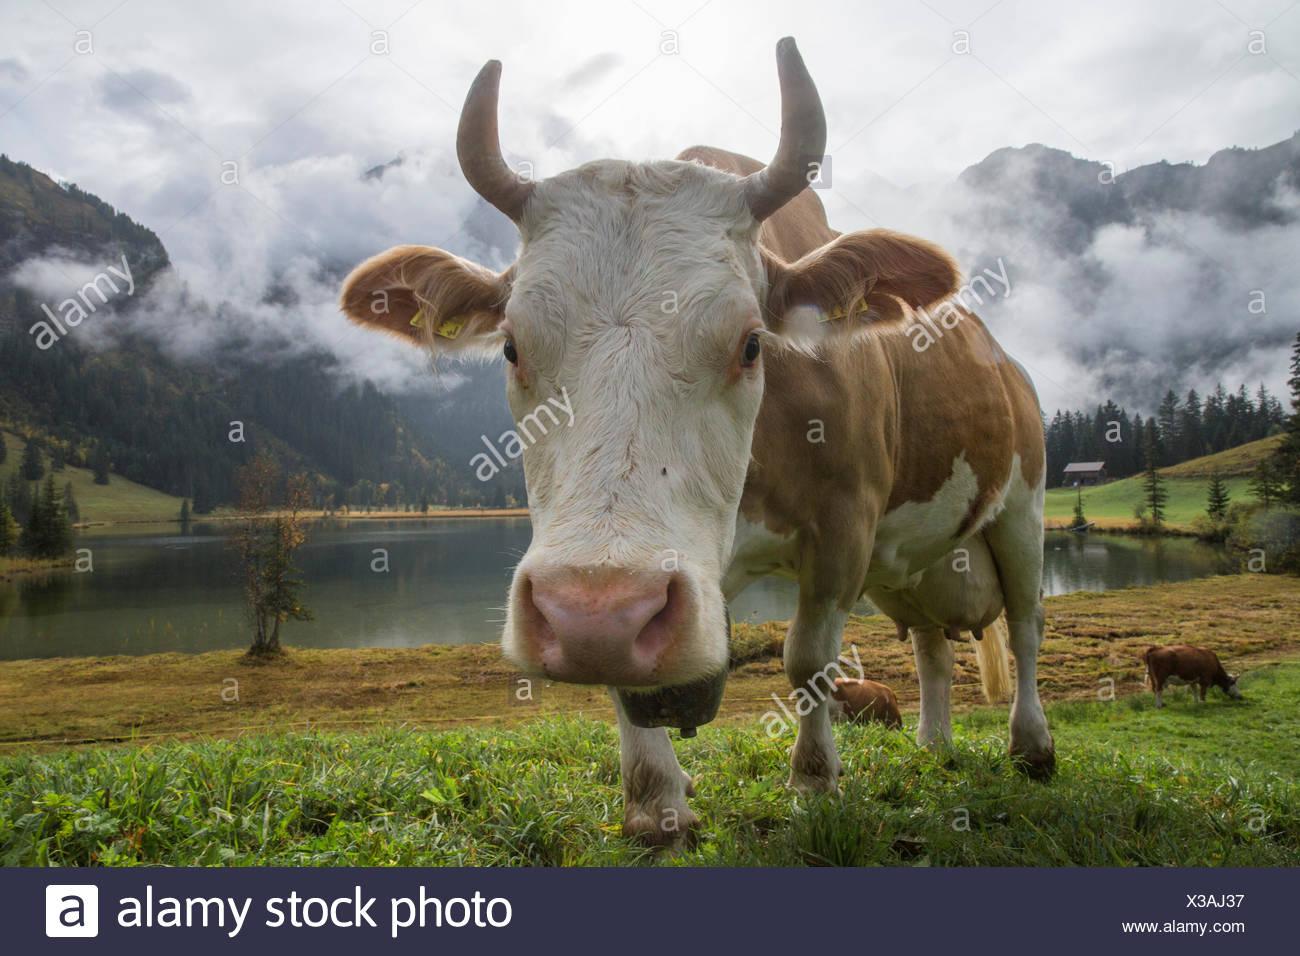 Lauenensee, mucche, lago di montagna, mucca, vacche, agricoltura, animali, animale, Canton Berna, Oberland bernese, Svizzera, Europa Immagini Stock